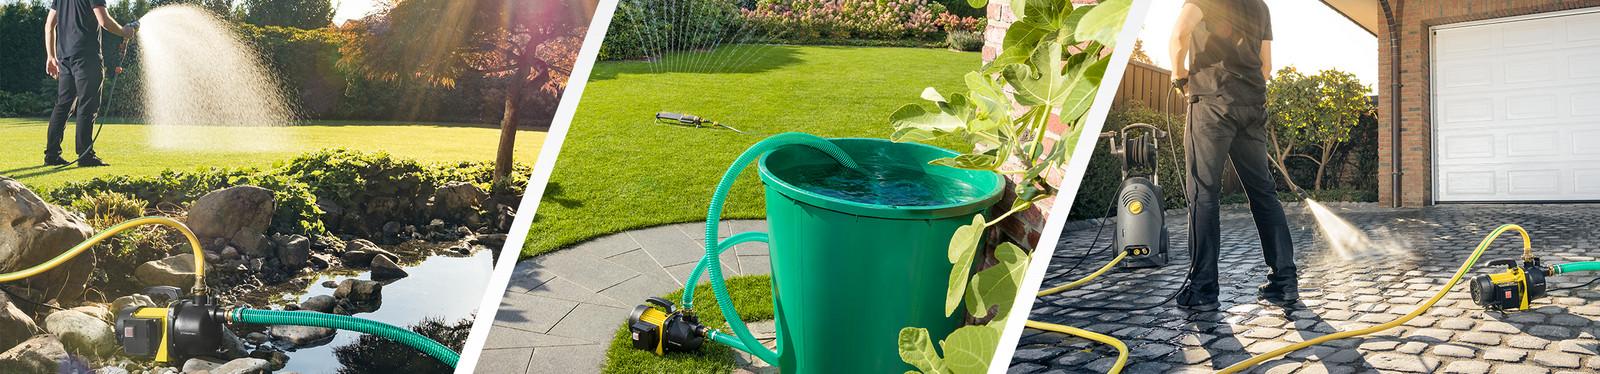 Gartenpumpen Der Tgp Serie Trotec